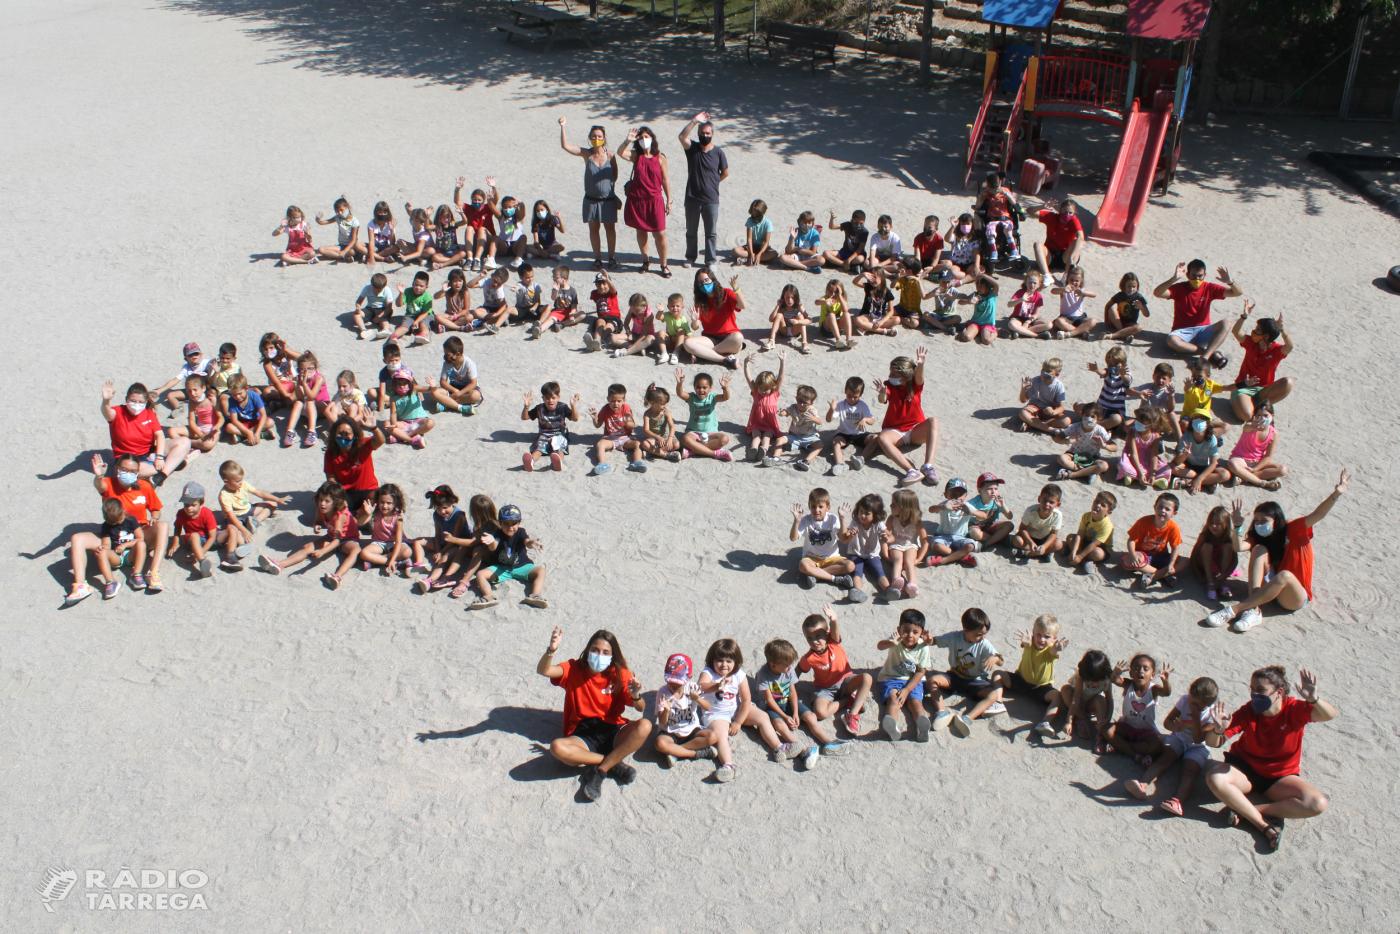 Èxit de participació als casals d'estiu de Tàrrega amb més de 350 infants inscrits